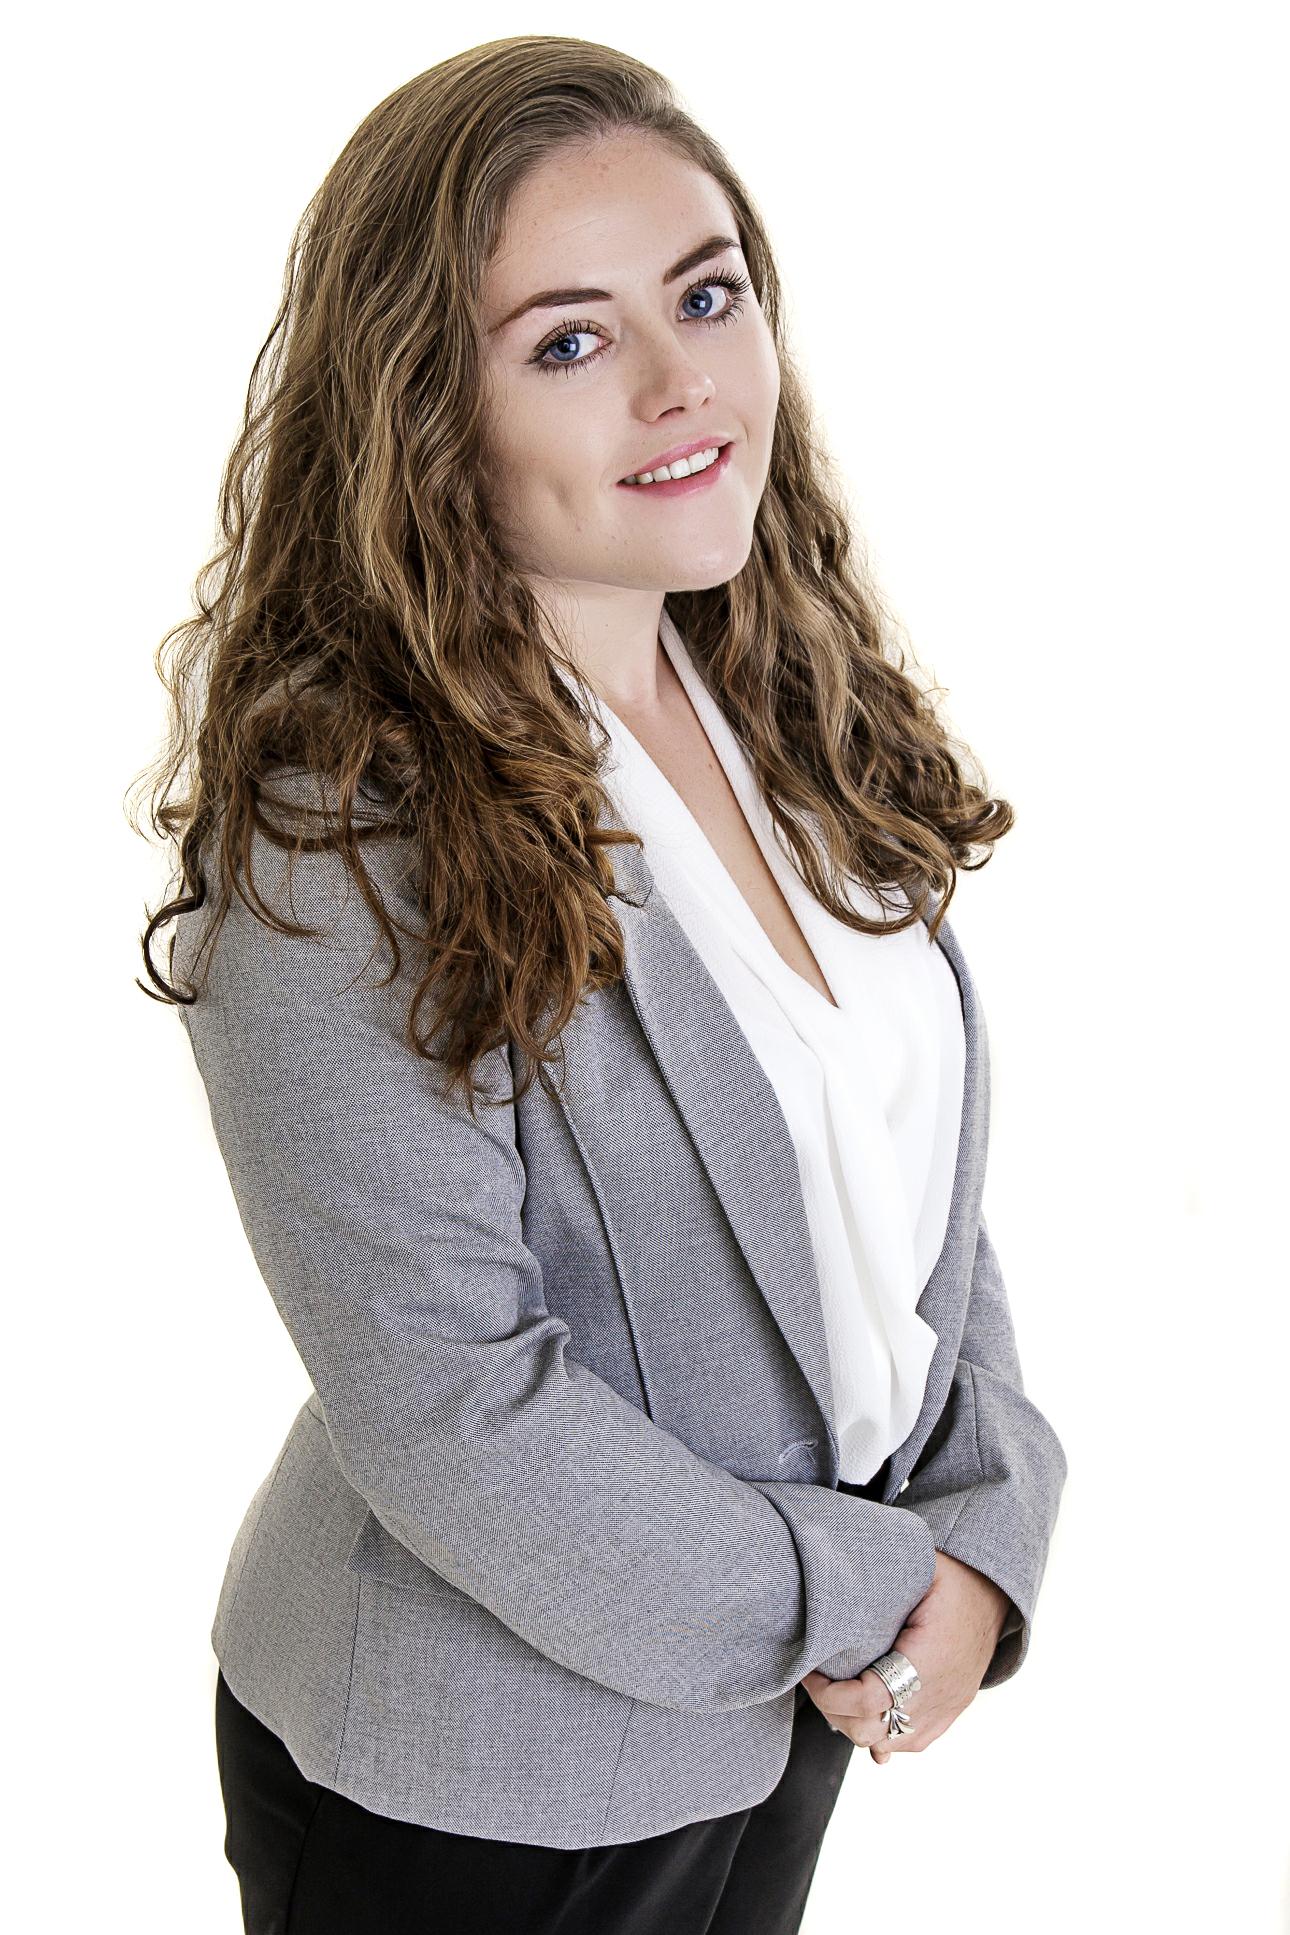 Kate McKee